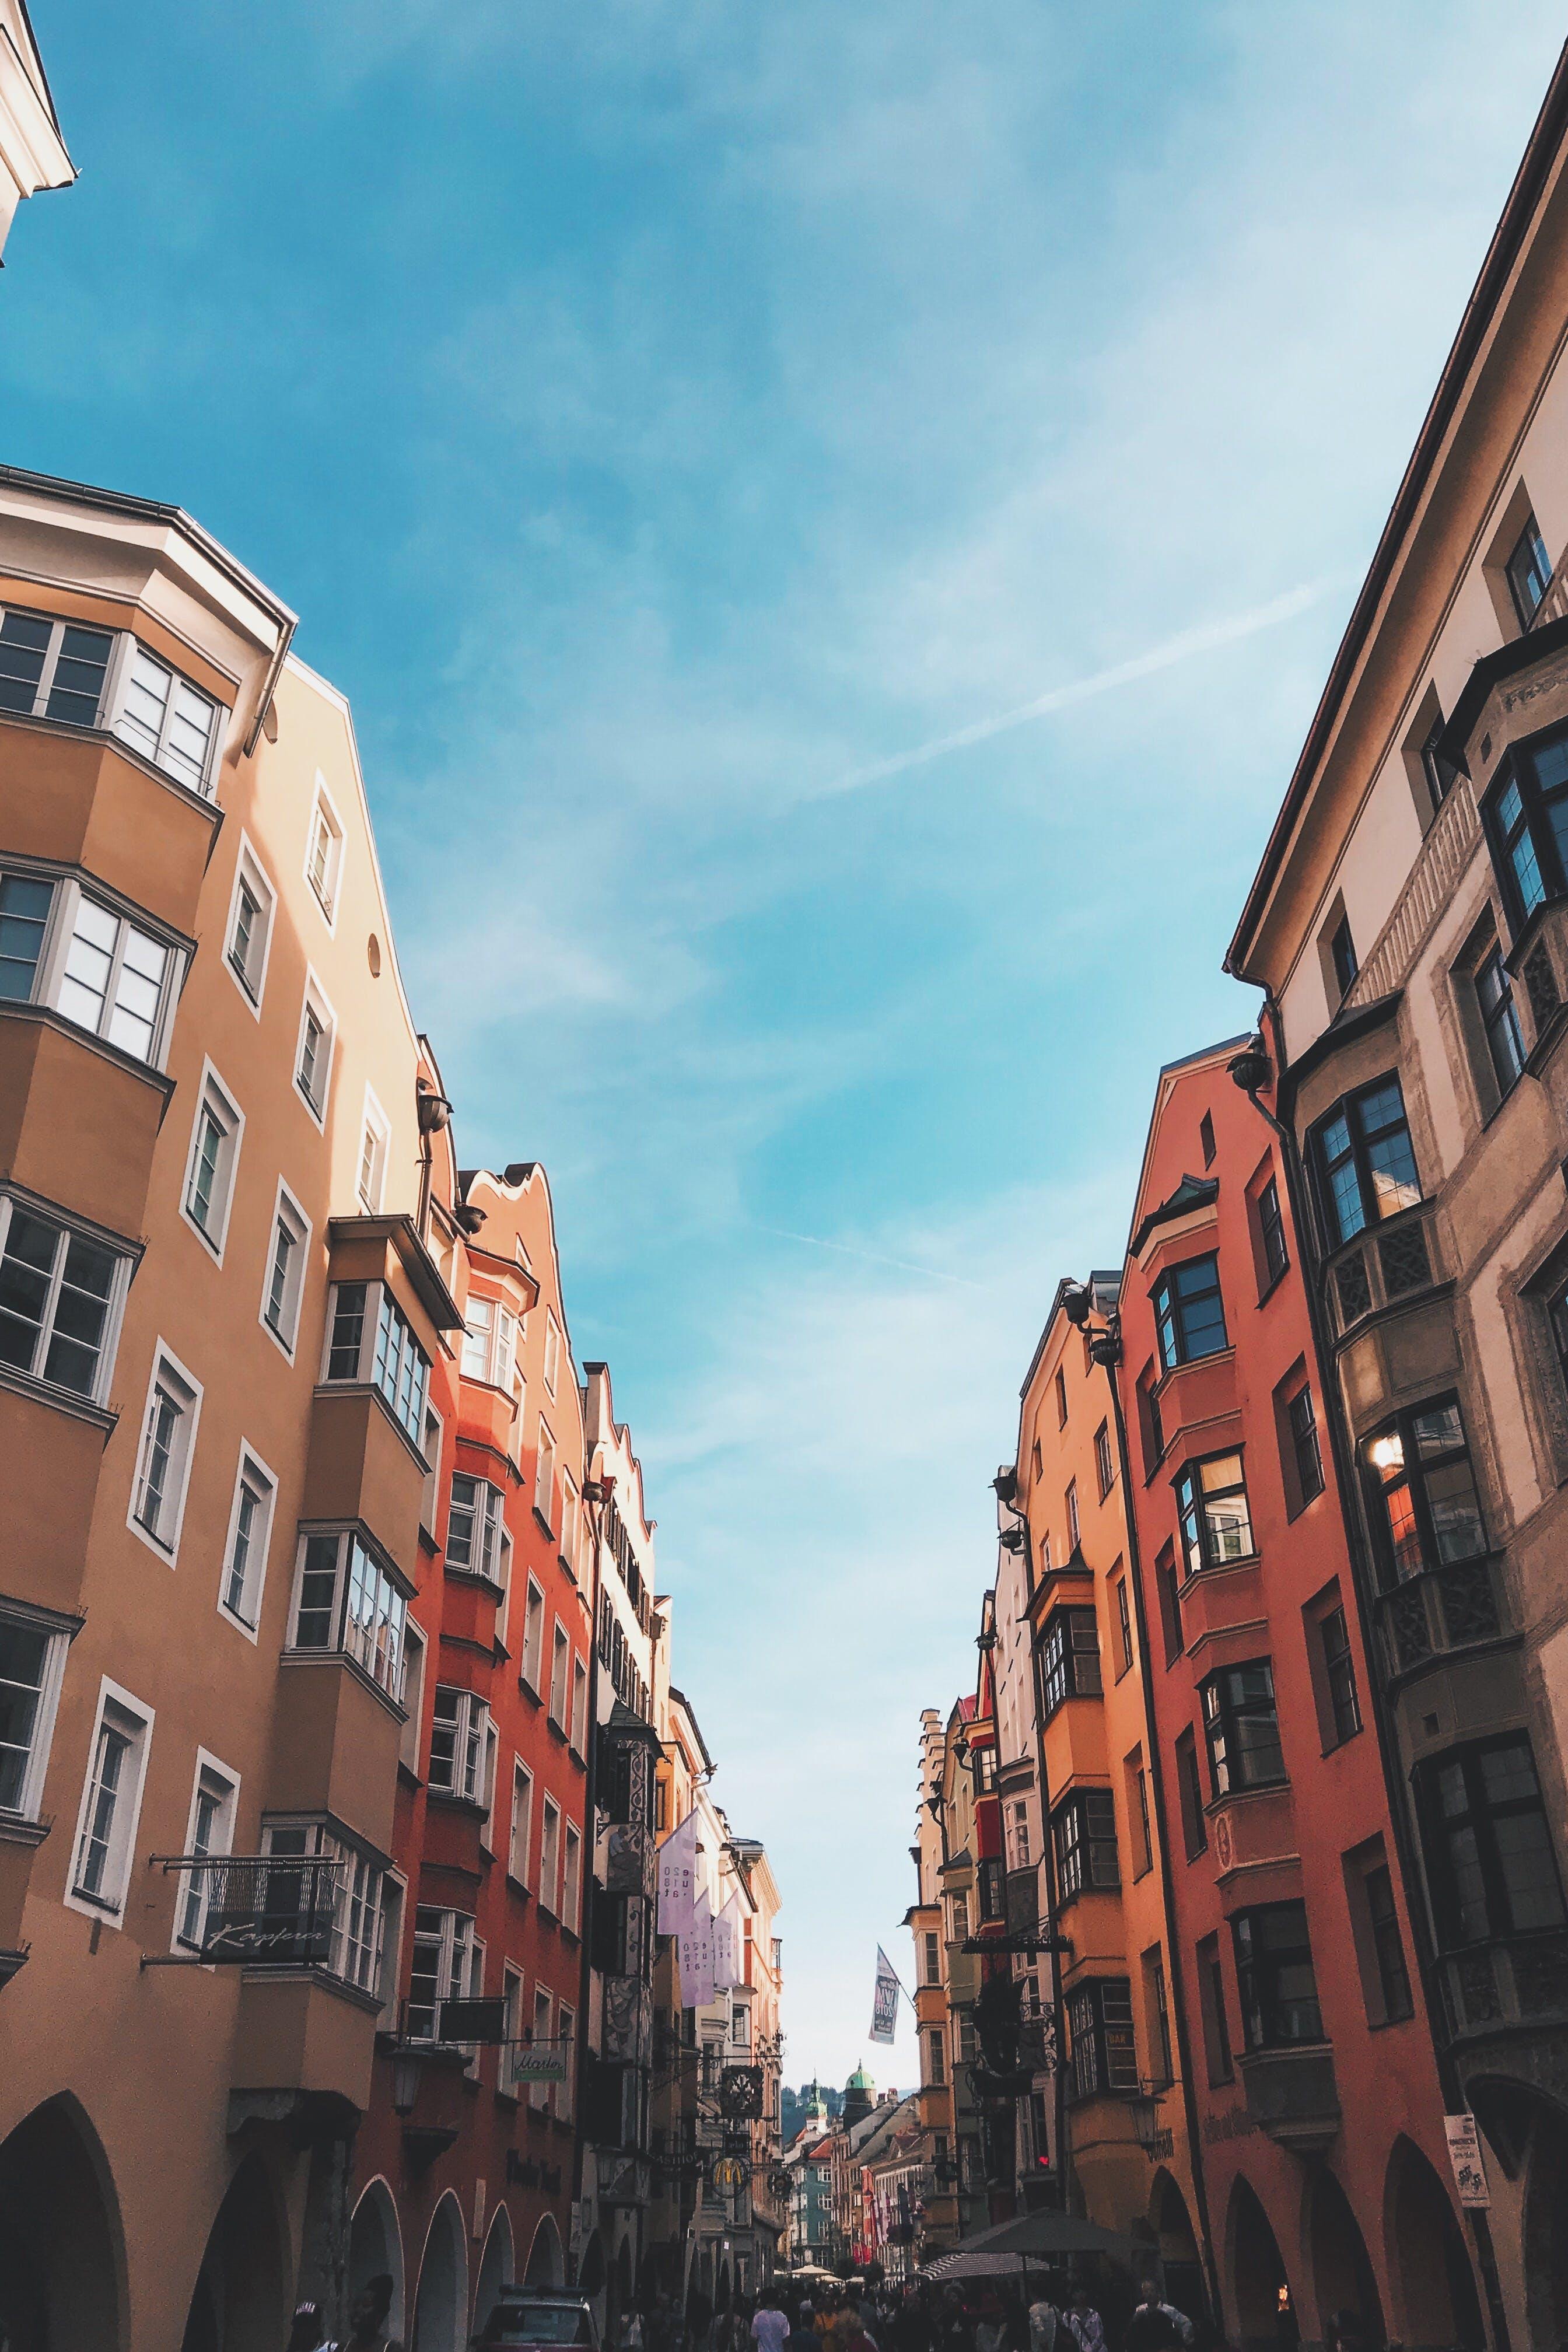 Photo of Street Between Buildings Under Blue Sky